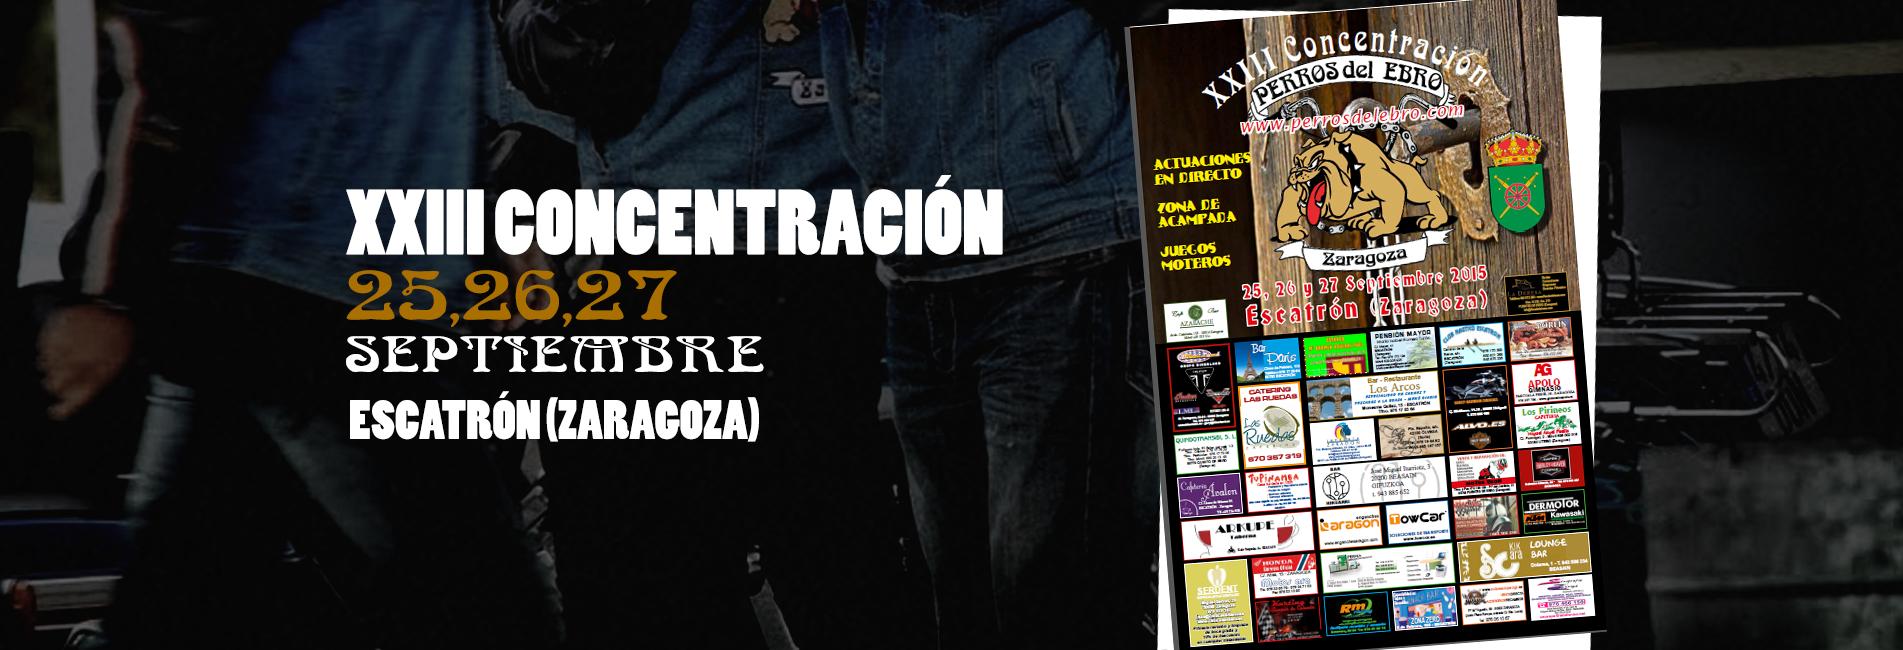 concentracion3